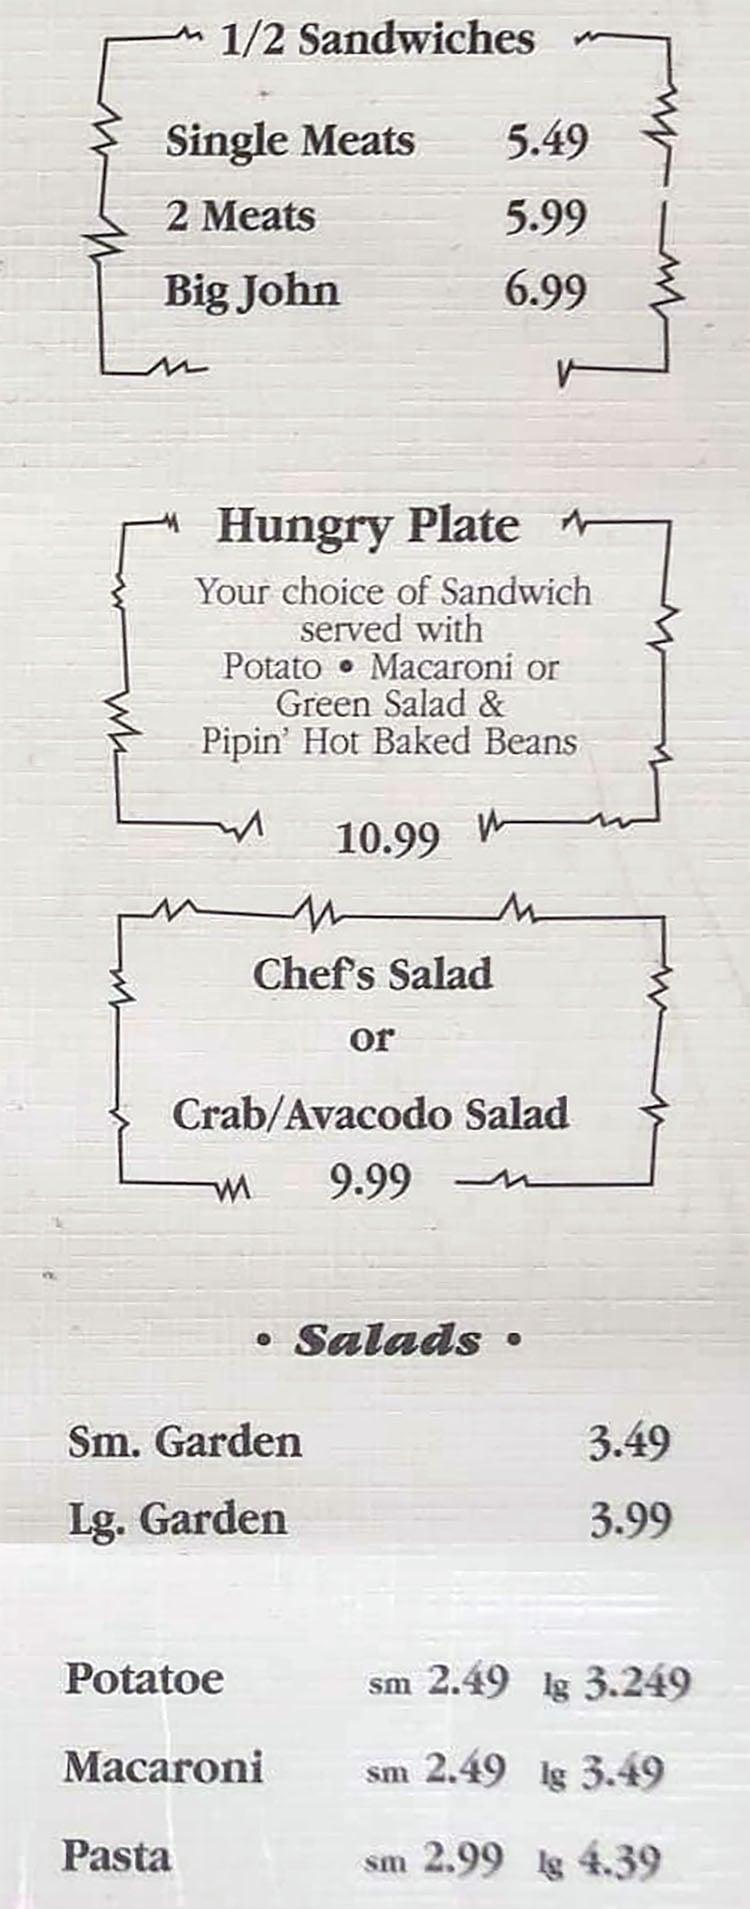 Grove Market & Deli menu - sandwiches, salads